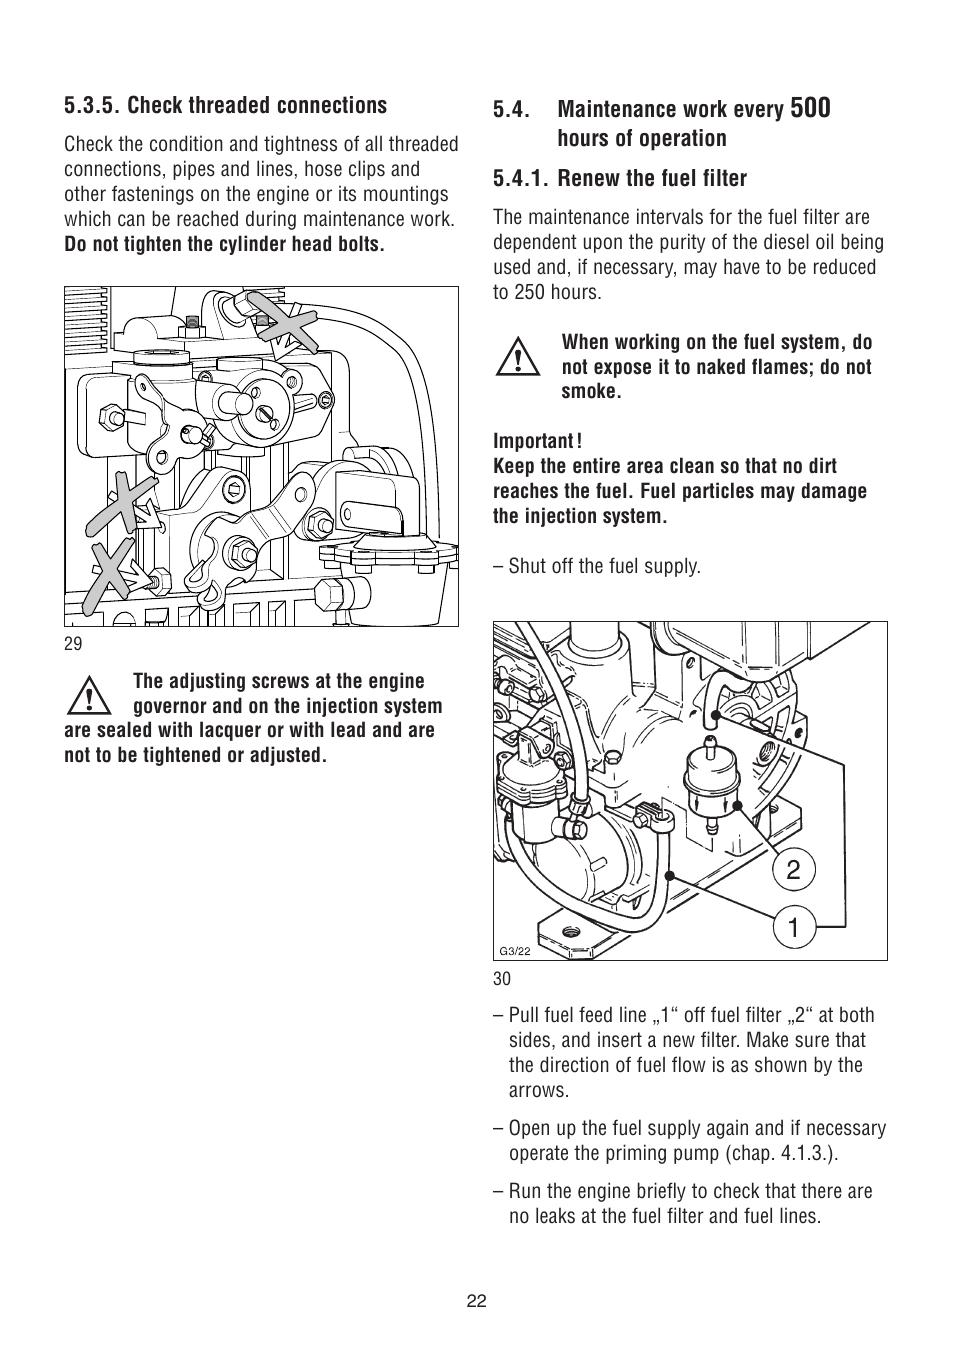 Hatz sel Fuel Filter - Wiring Diagrams Hatz Engine Wiring Diagram on